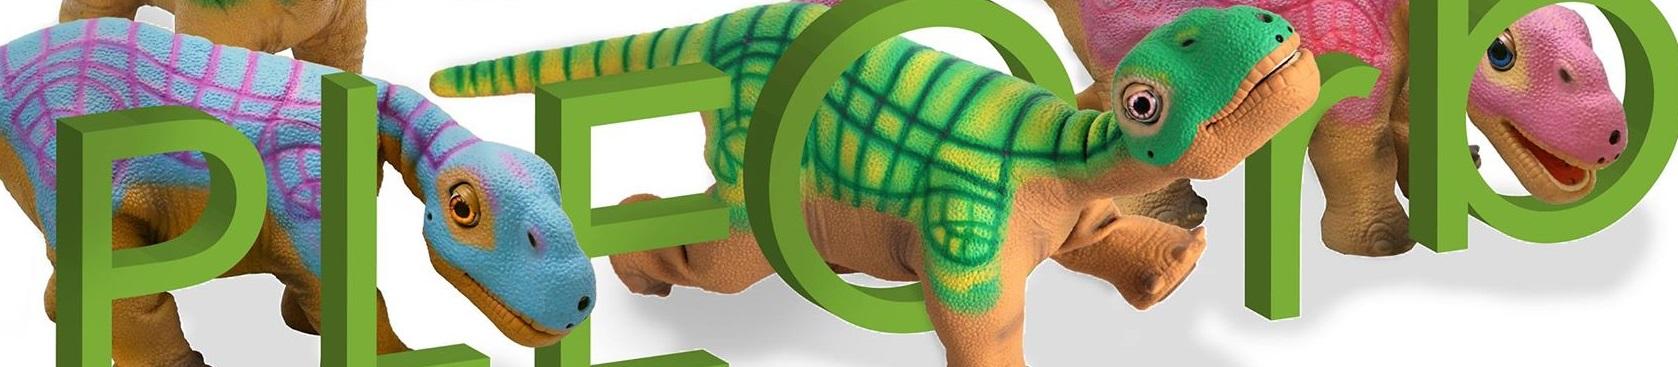 Pleo rb Dinosaurio robot + extra Bateria